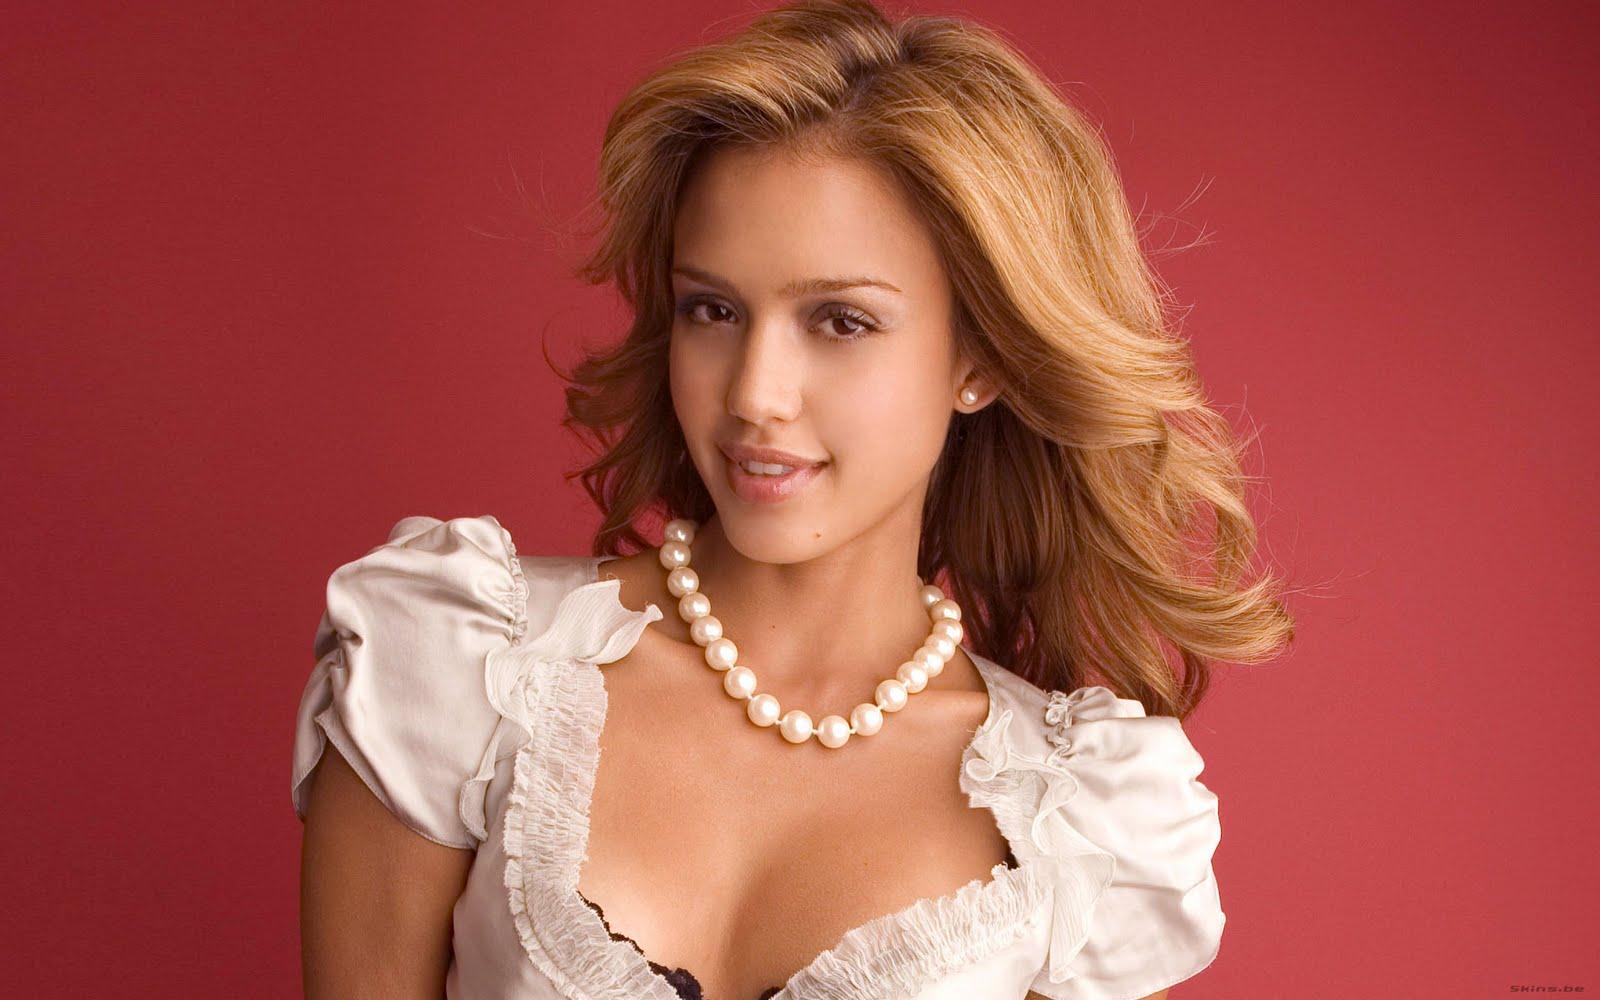 http://2.bp.blogspot.com/_ZRj5nlc3sp8/S97QDBmByII/AAAAAAAACaQ/CjnGpKSqBNo/s1600/Hollywood+Celebrity+Wallpapers+1.jpg